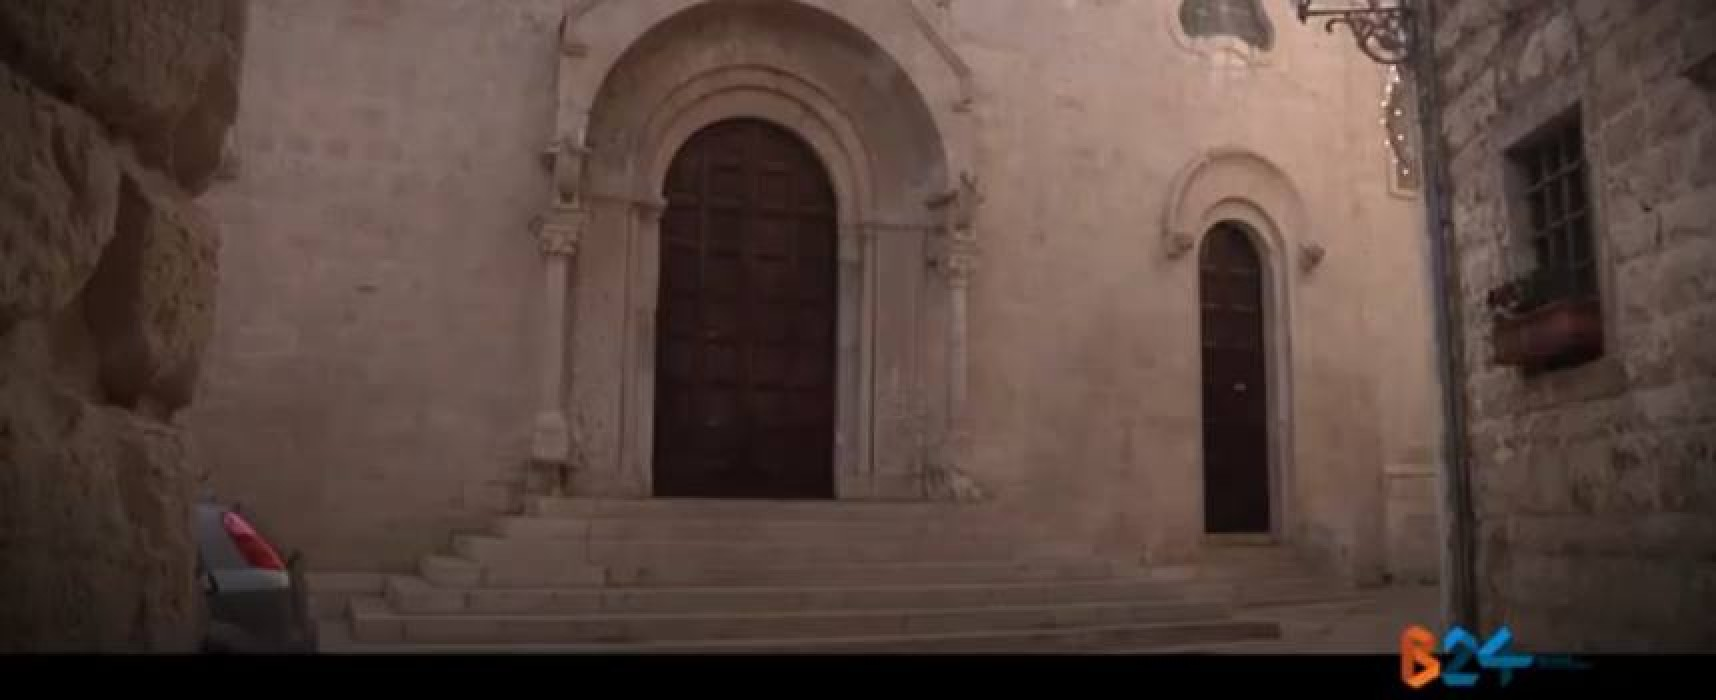 Giubileo dei Santi Martiri, domani tavola rotonda in Cattedrale sui tre Santi Patroni